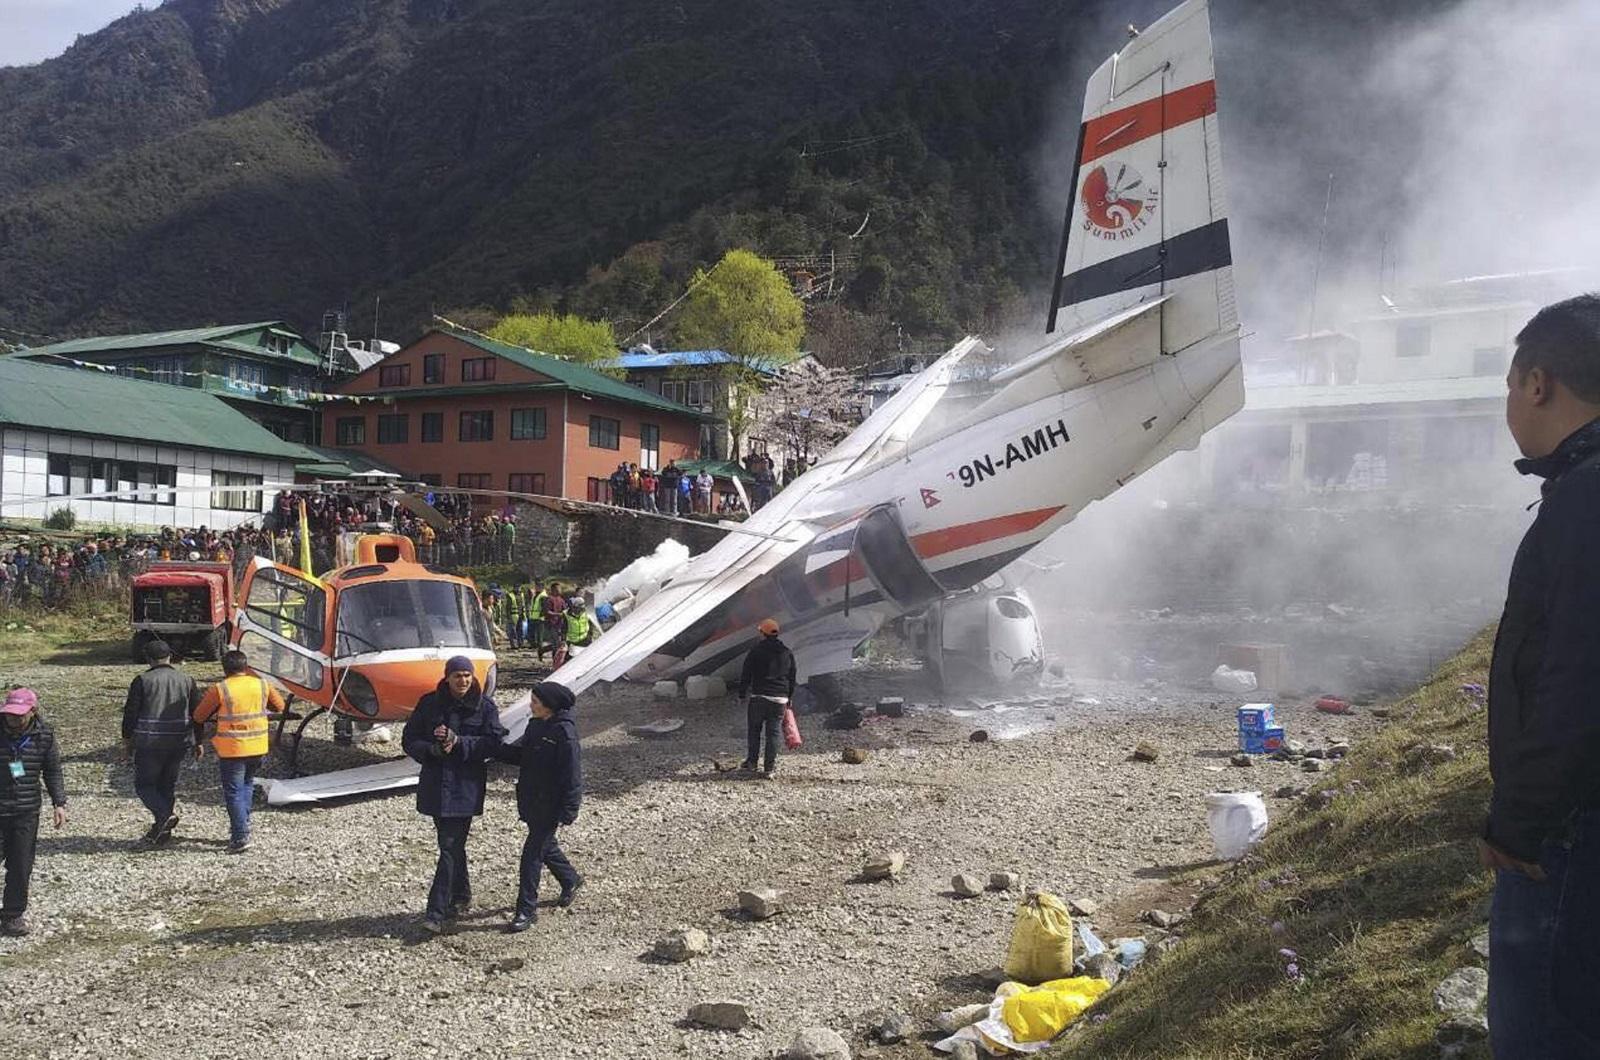 """Най- малко двама души загинаха, а други петима са тежко ранени при сблъсъка между малък самолет и хеликоптери на летище Лукла в провинция Солукхумбу, съобщава в. """"Катманду пост""""."""